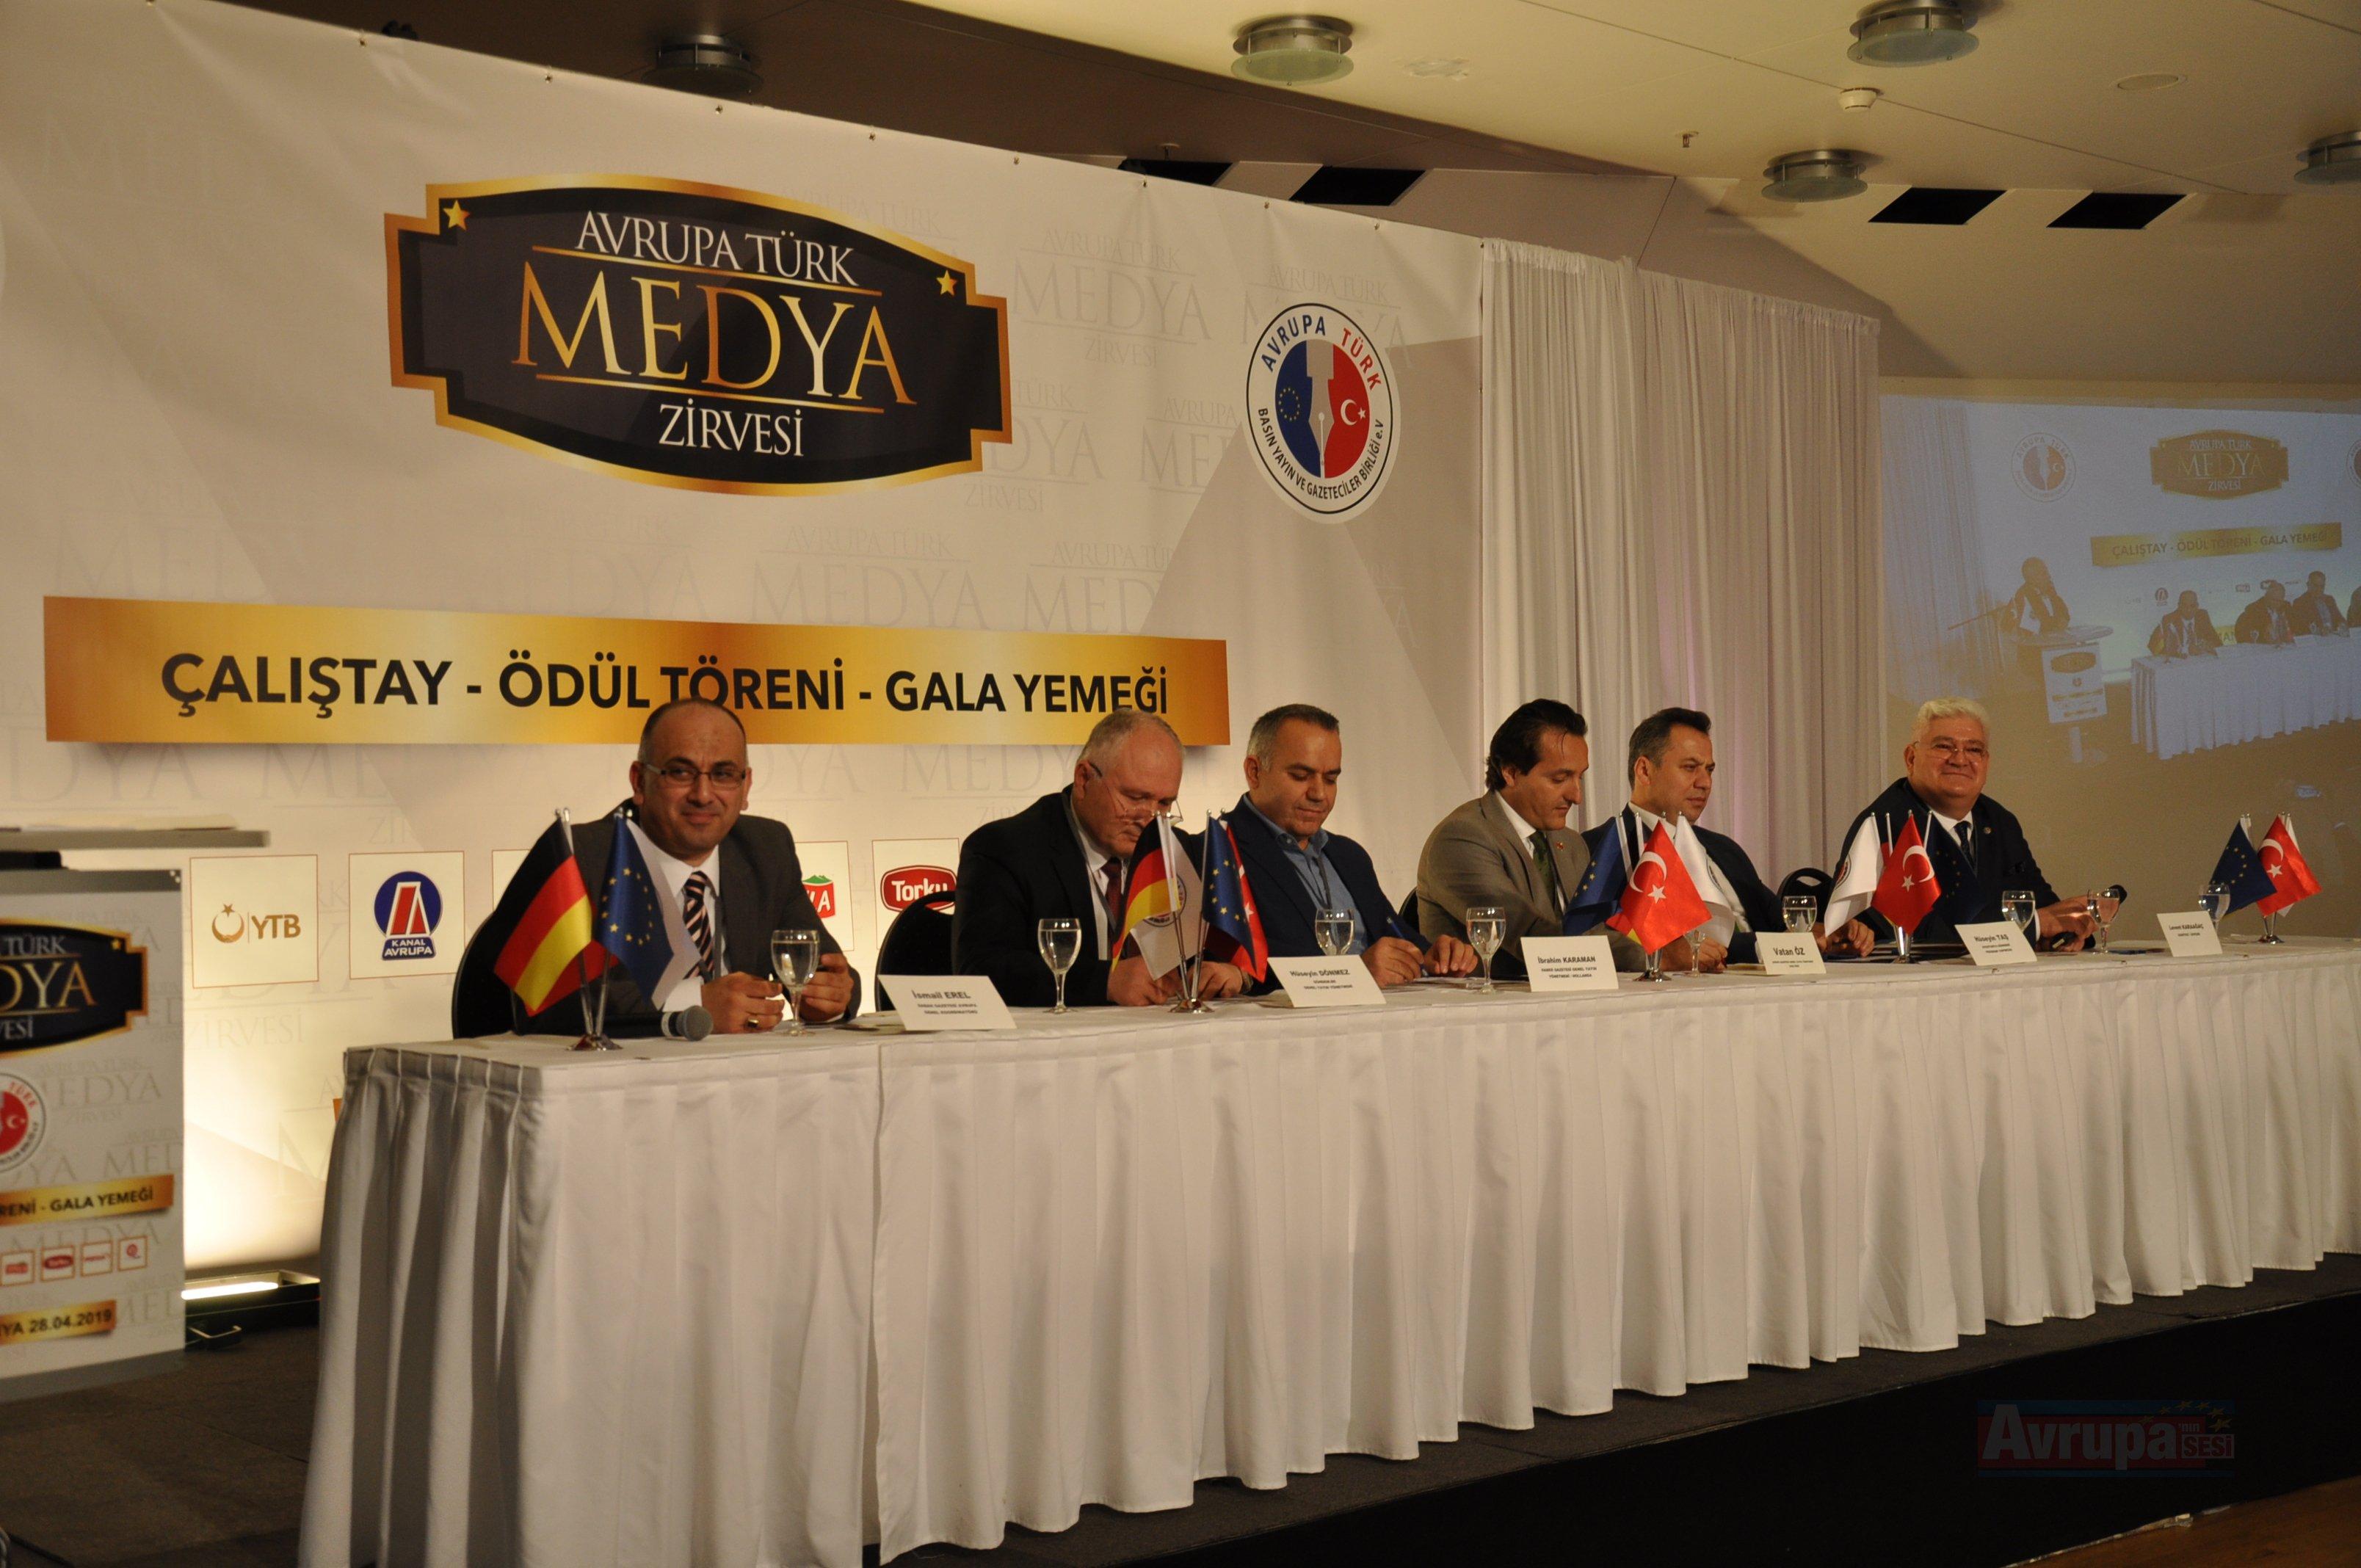 Avrupa Türk medyasının kalbi Essen'de attı